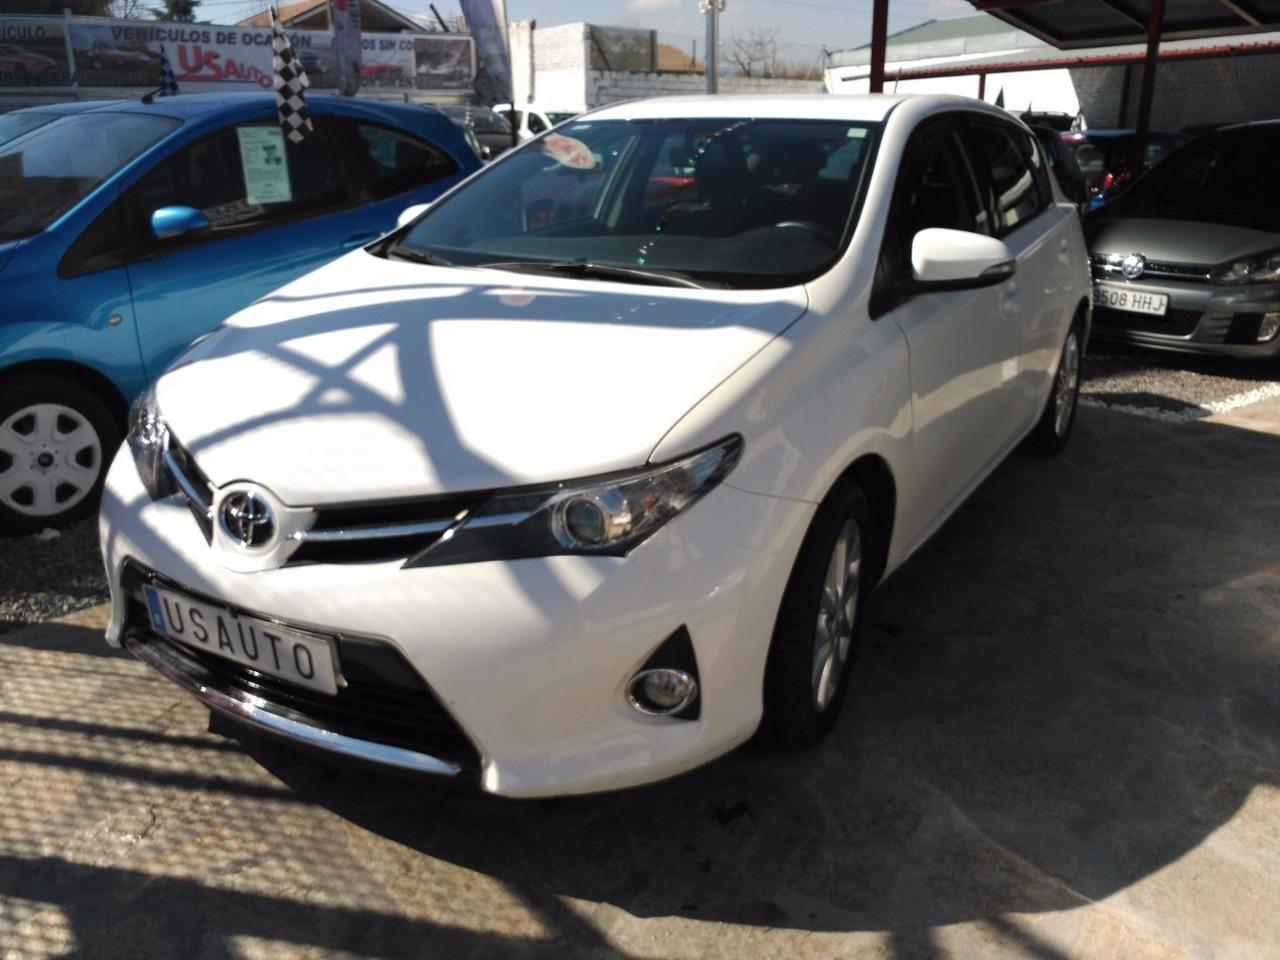 Toyota Auris 1.4 90 D ACTIVE   - Foto 1